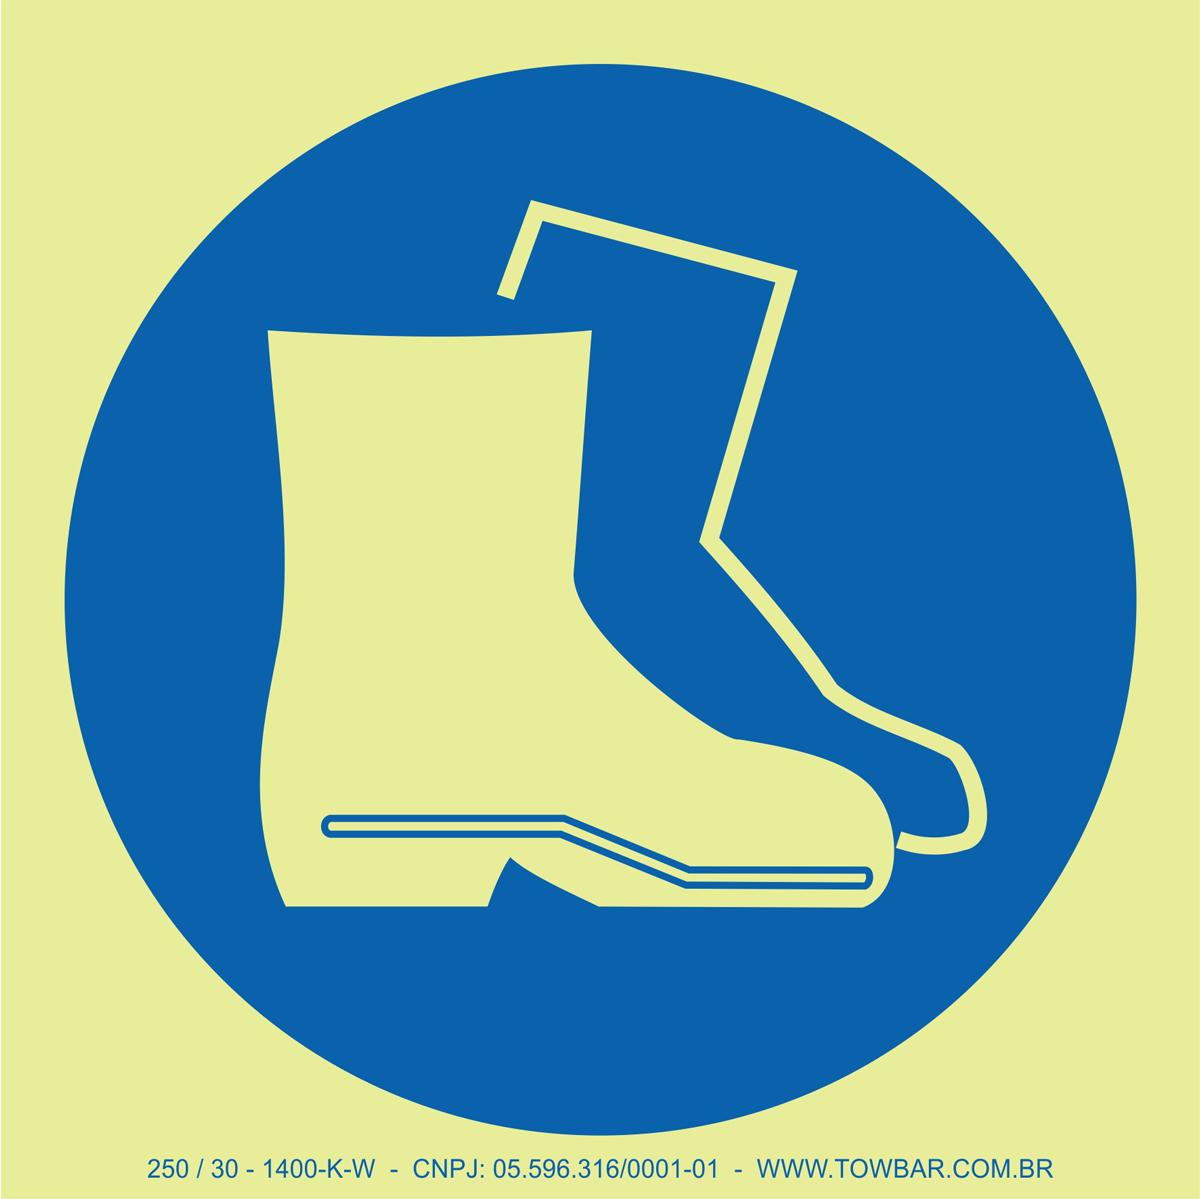 Wear Boots  - Towbar Sinalização de Segurança